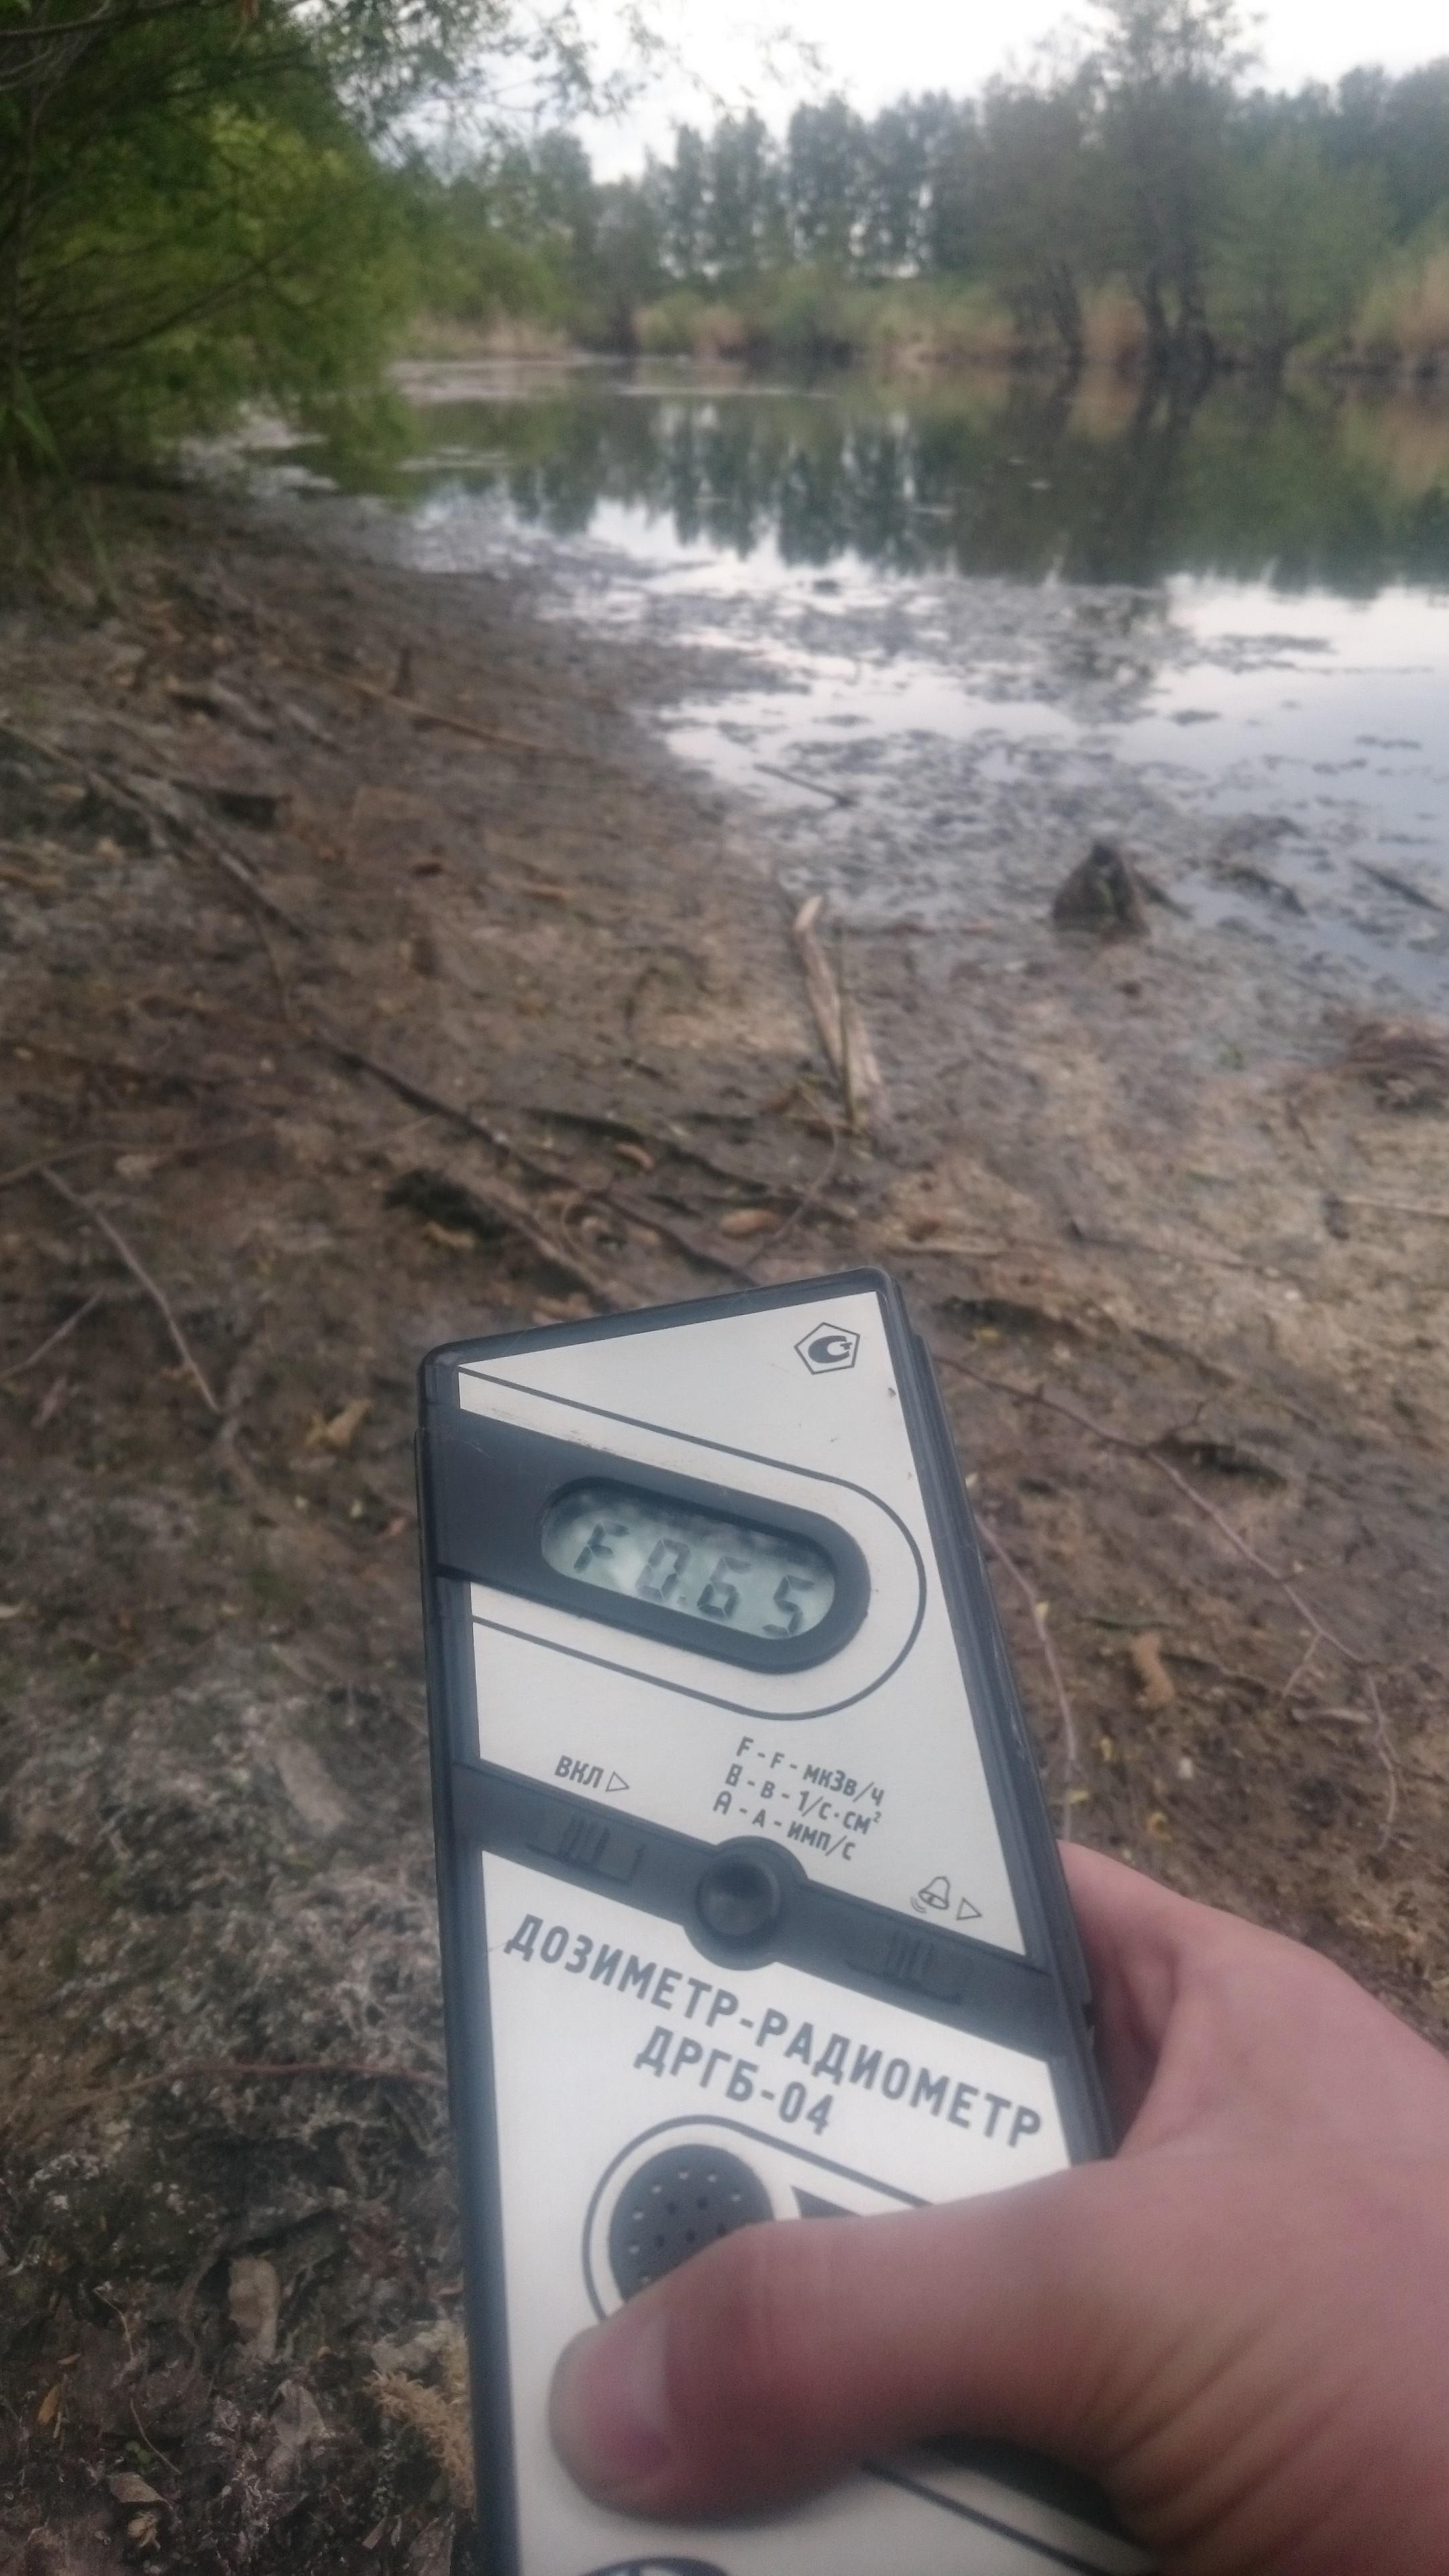 Точка измерения МЭД гамма-излучения у берега реки Теча в окрестностях поселка Муслюмово Кунашакского района Челябинской области